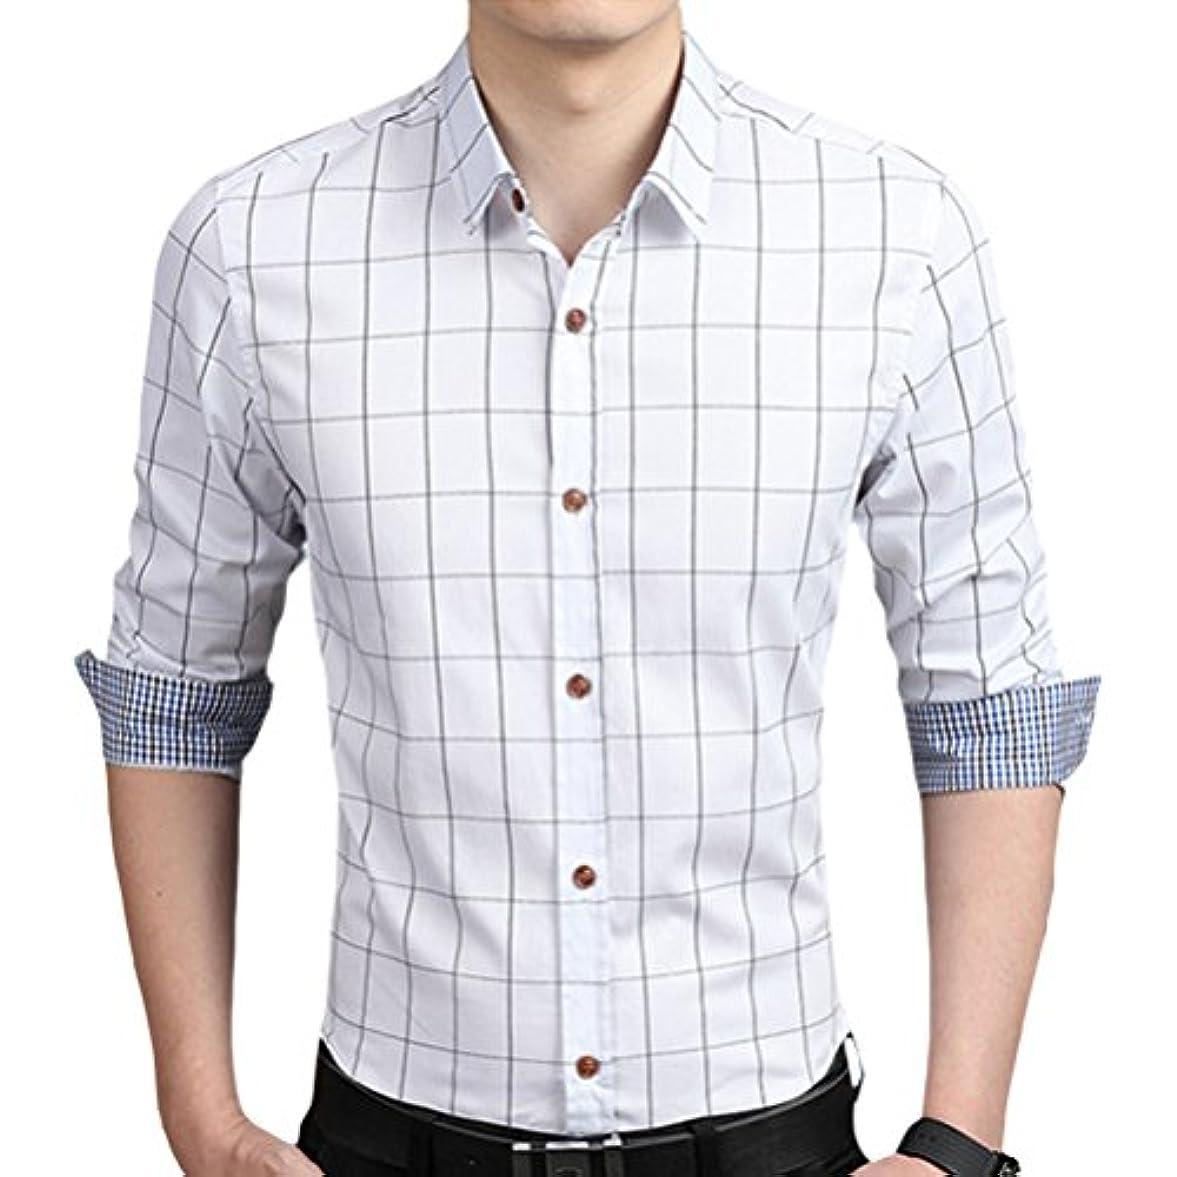 神のスタンドメタン輝姫 ブラウス  チェック柄  折り袖 長袖  ボタン  メンズ  シャツ カジュアル  ビジネス  スリム ファッション (M, ホワイト)